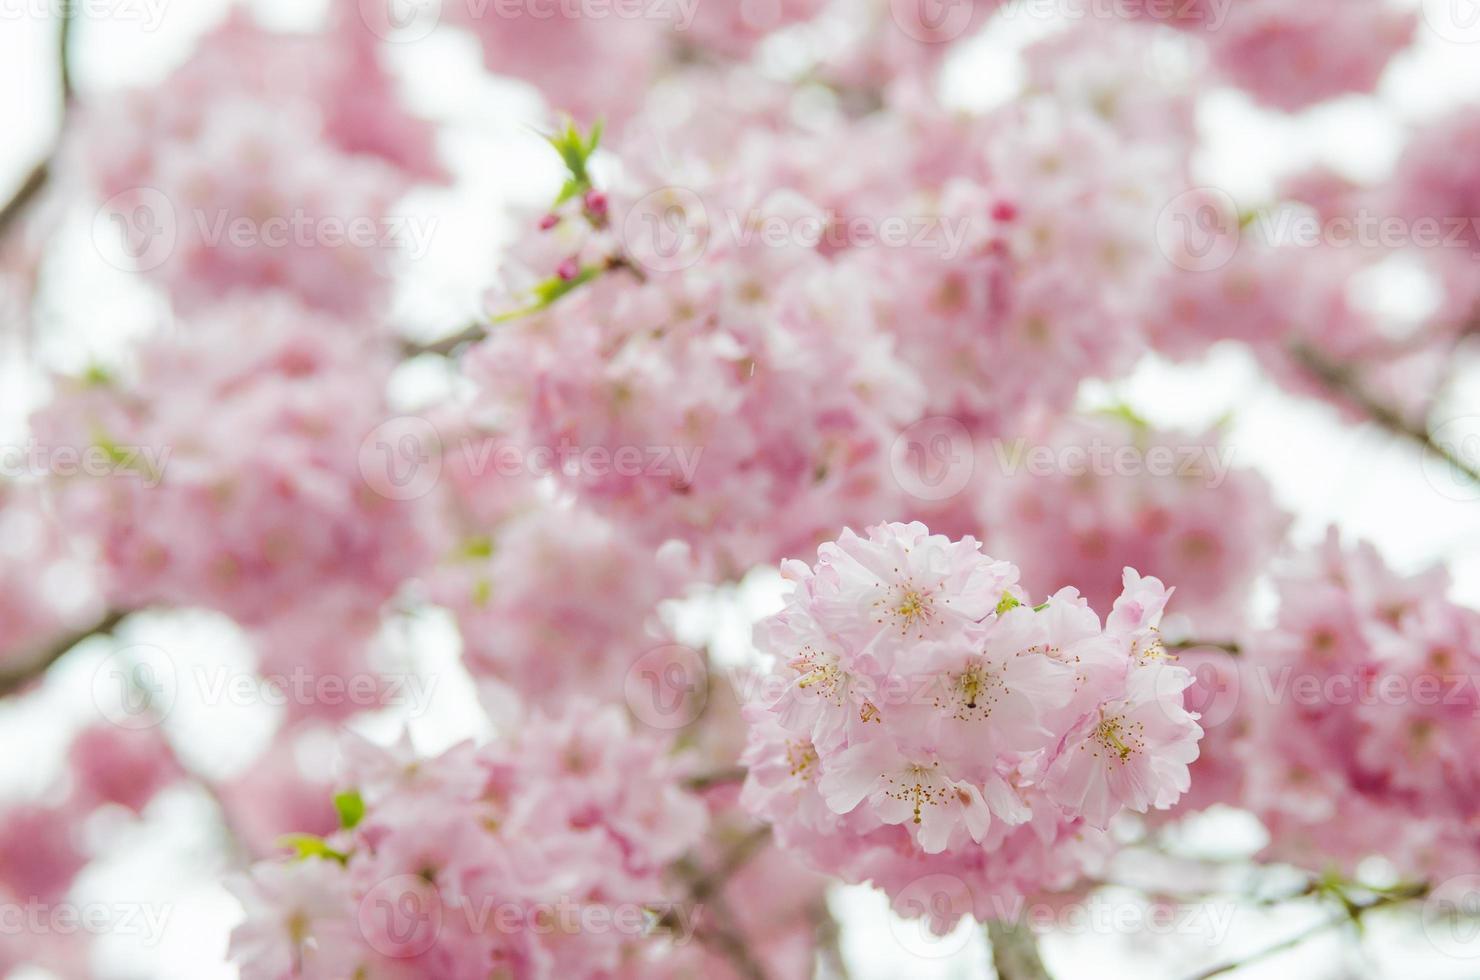 primavera sakura flor de cerezo en japón foto